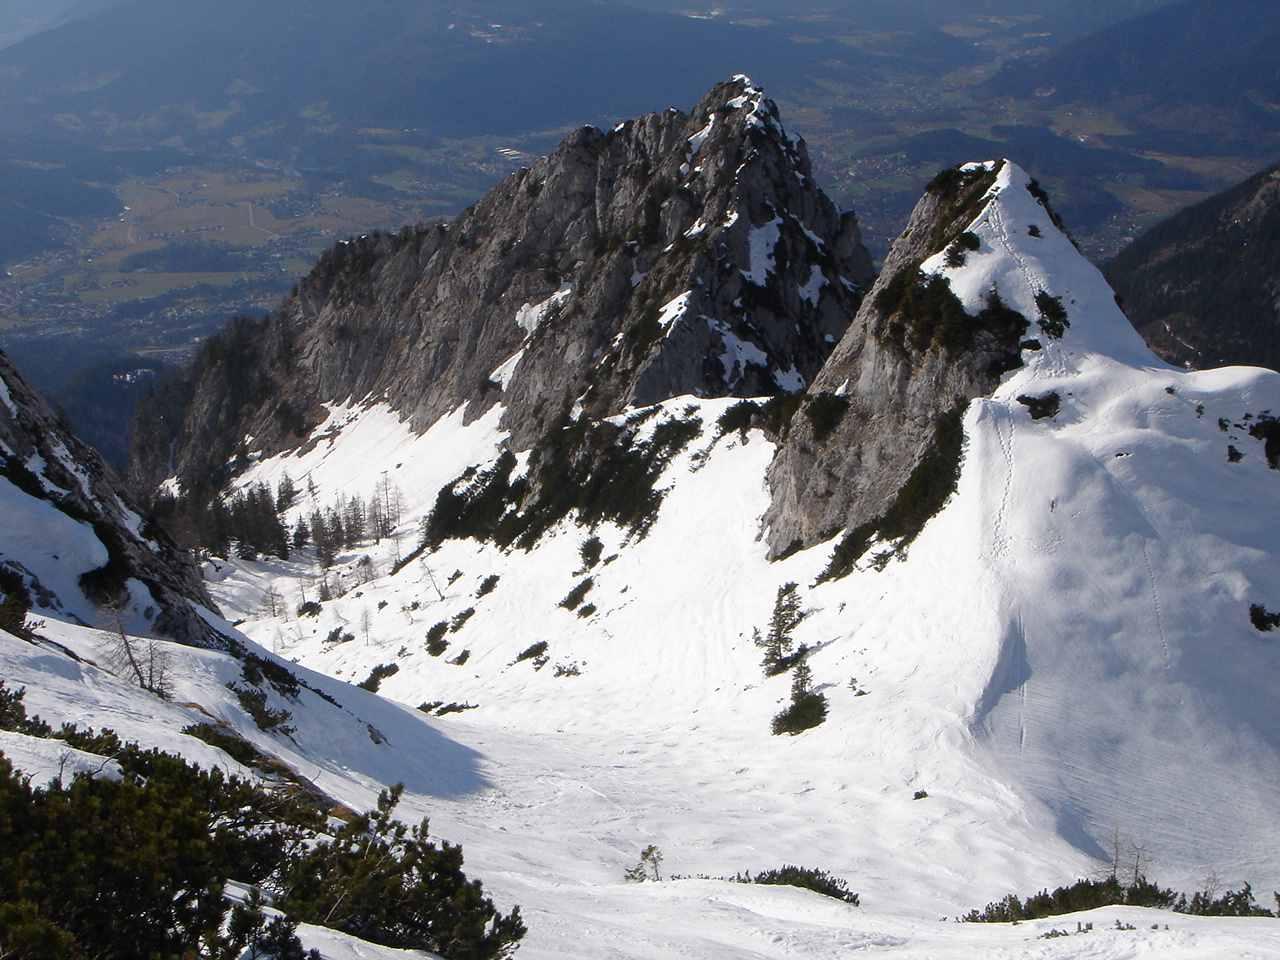 Foto: Manfred Karl / Ski Tour / Hoher Göll, 2522m / Oberer Teil des Alpeltals / 18.05.2007 06:37:34